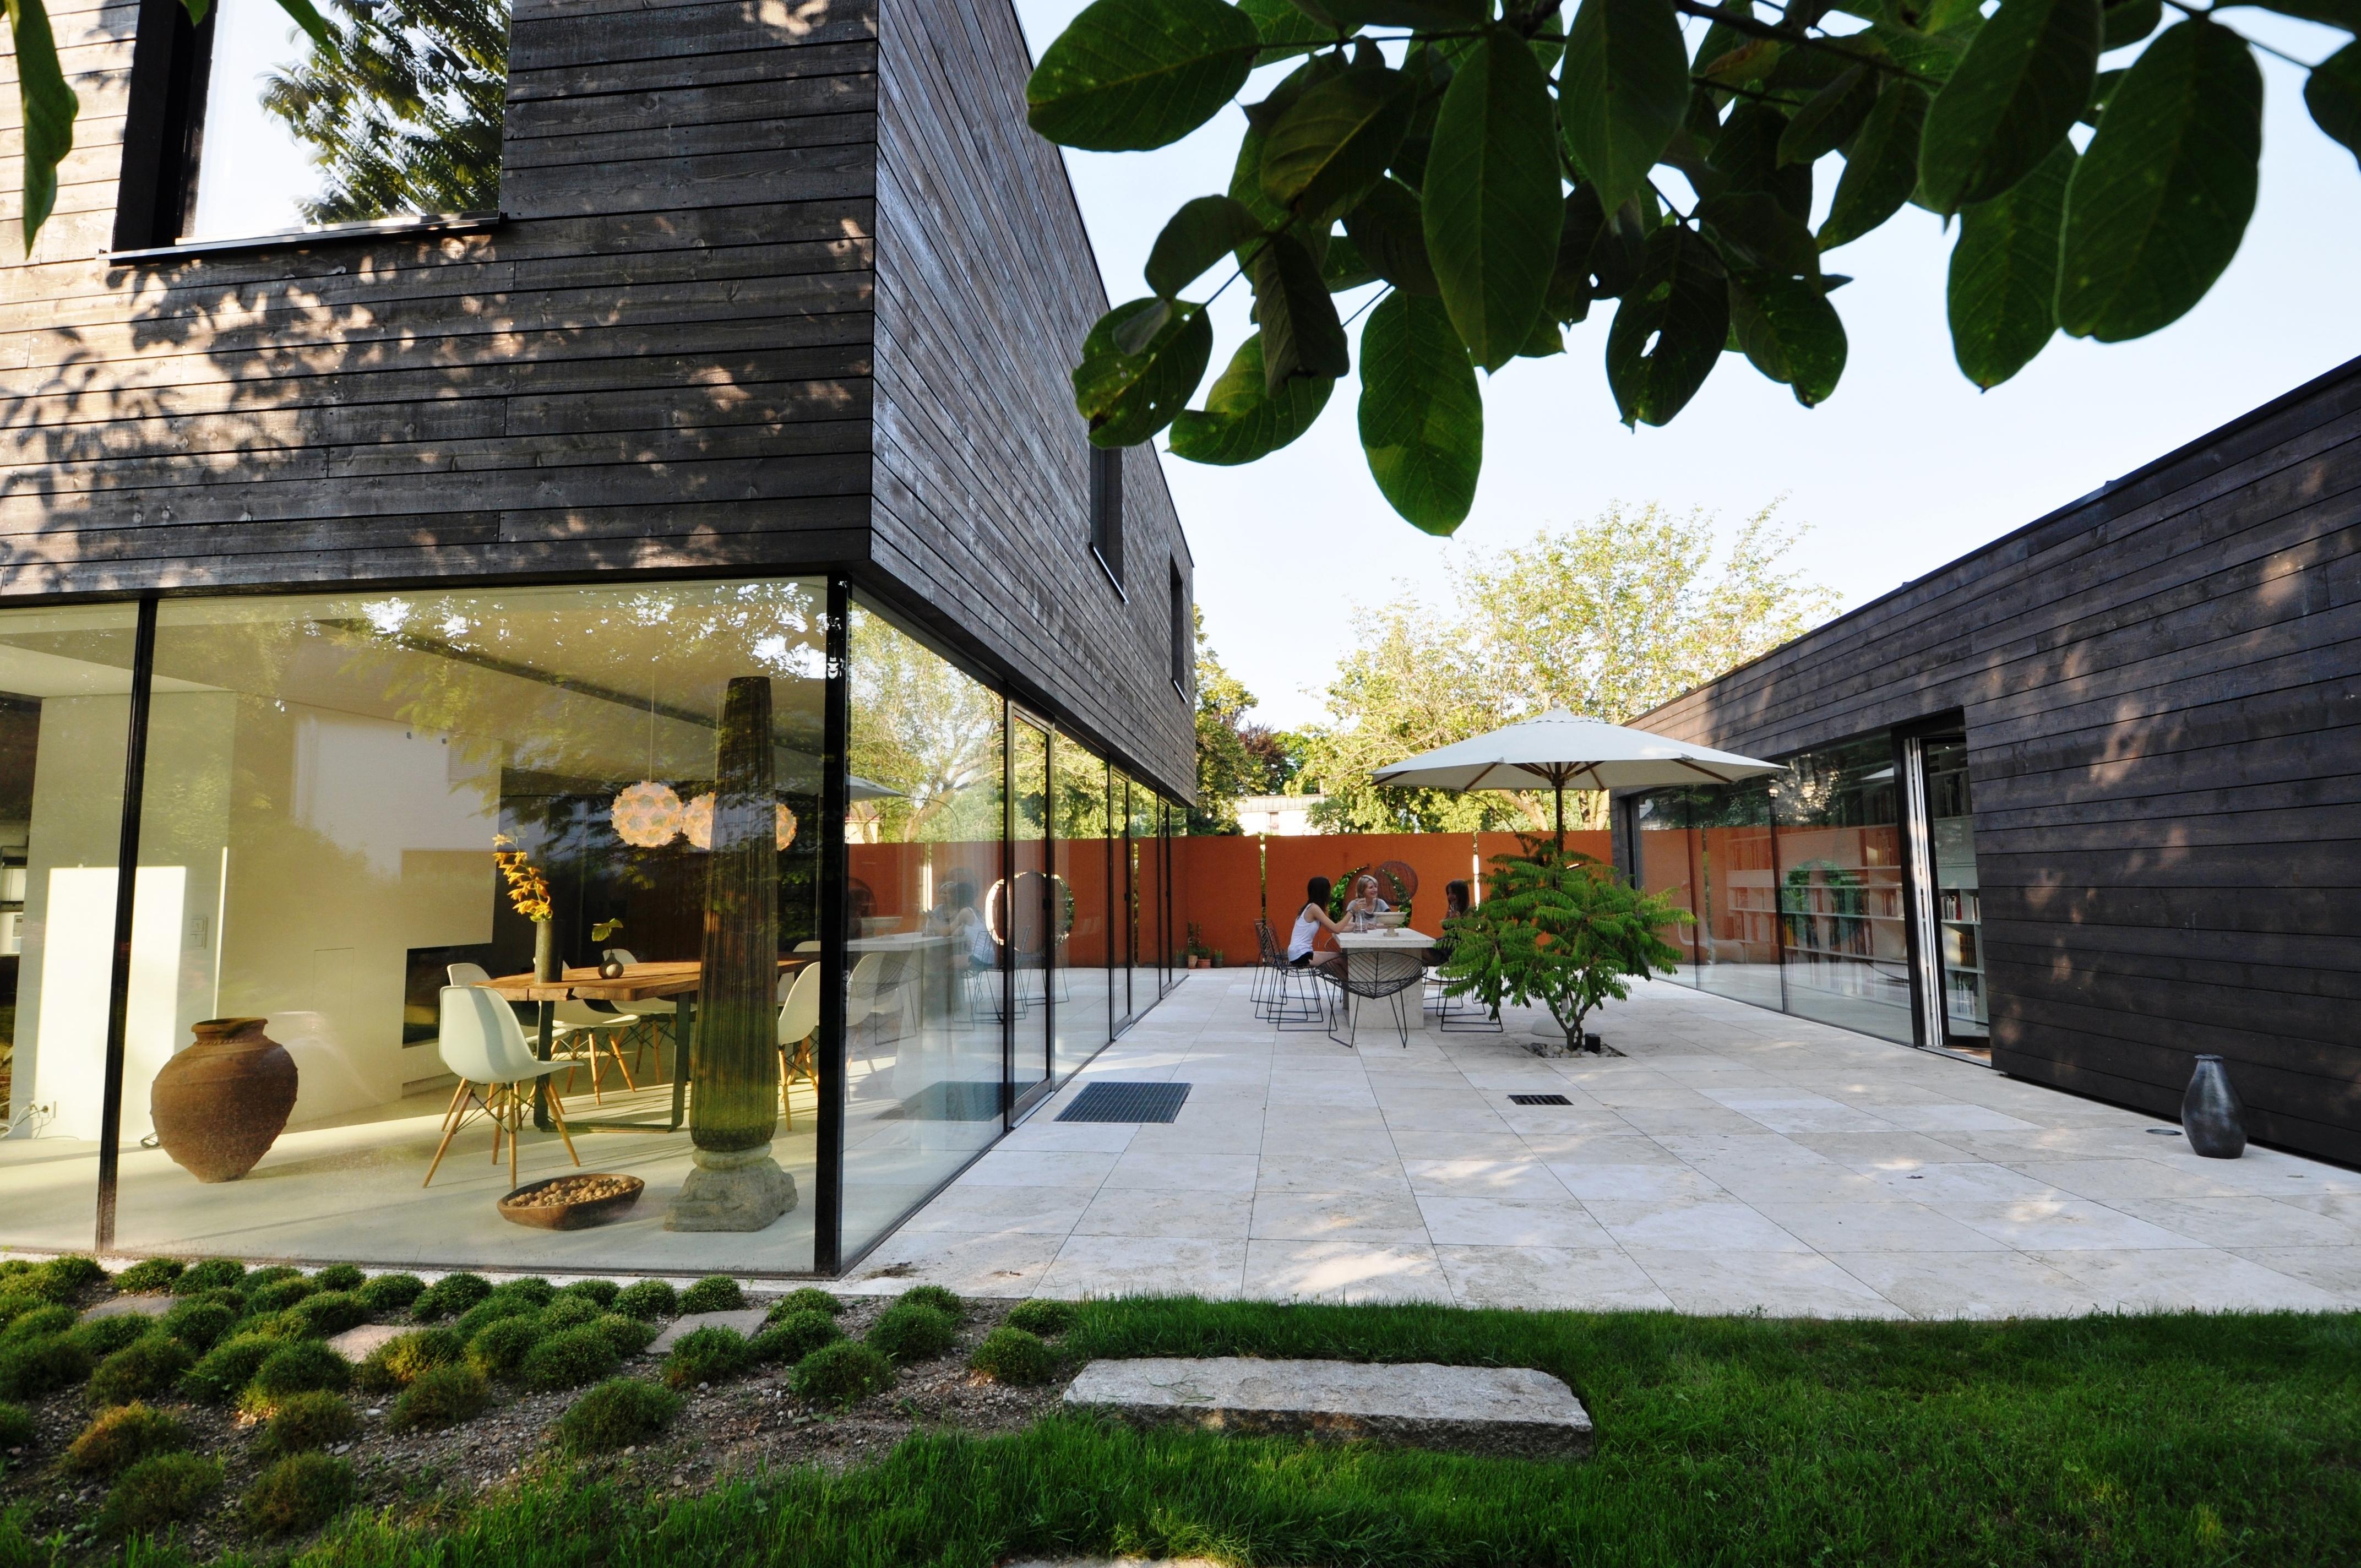 Traumhäuser : Ein Haus aus zwei Bauten